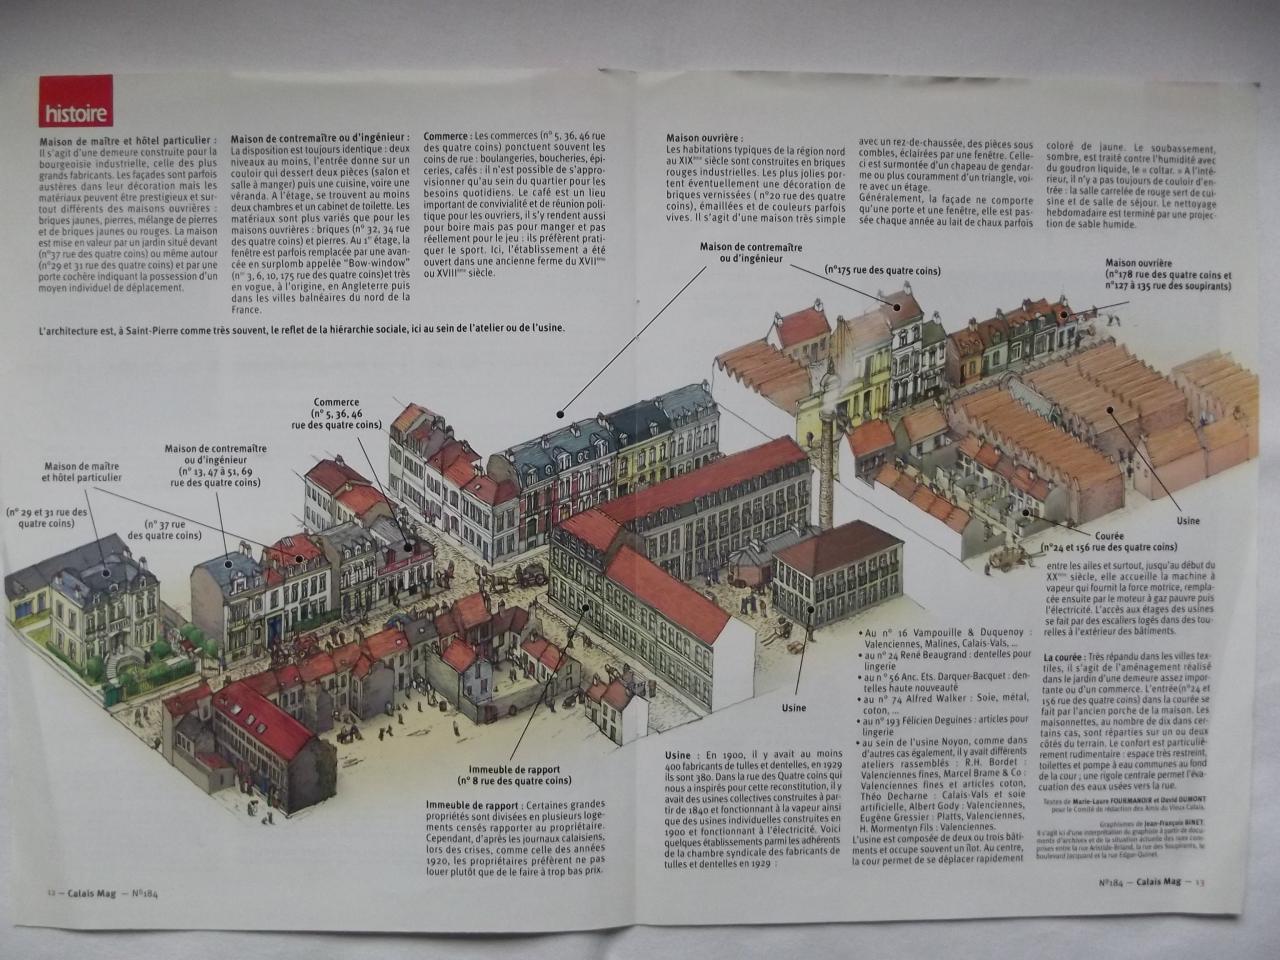 Habitat de Saint-Pierre au début du XX° siècle 2